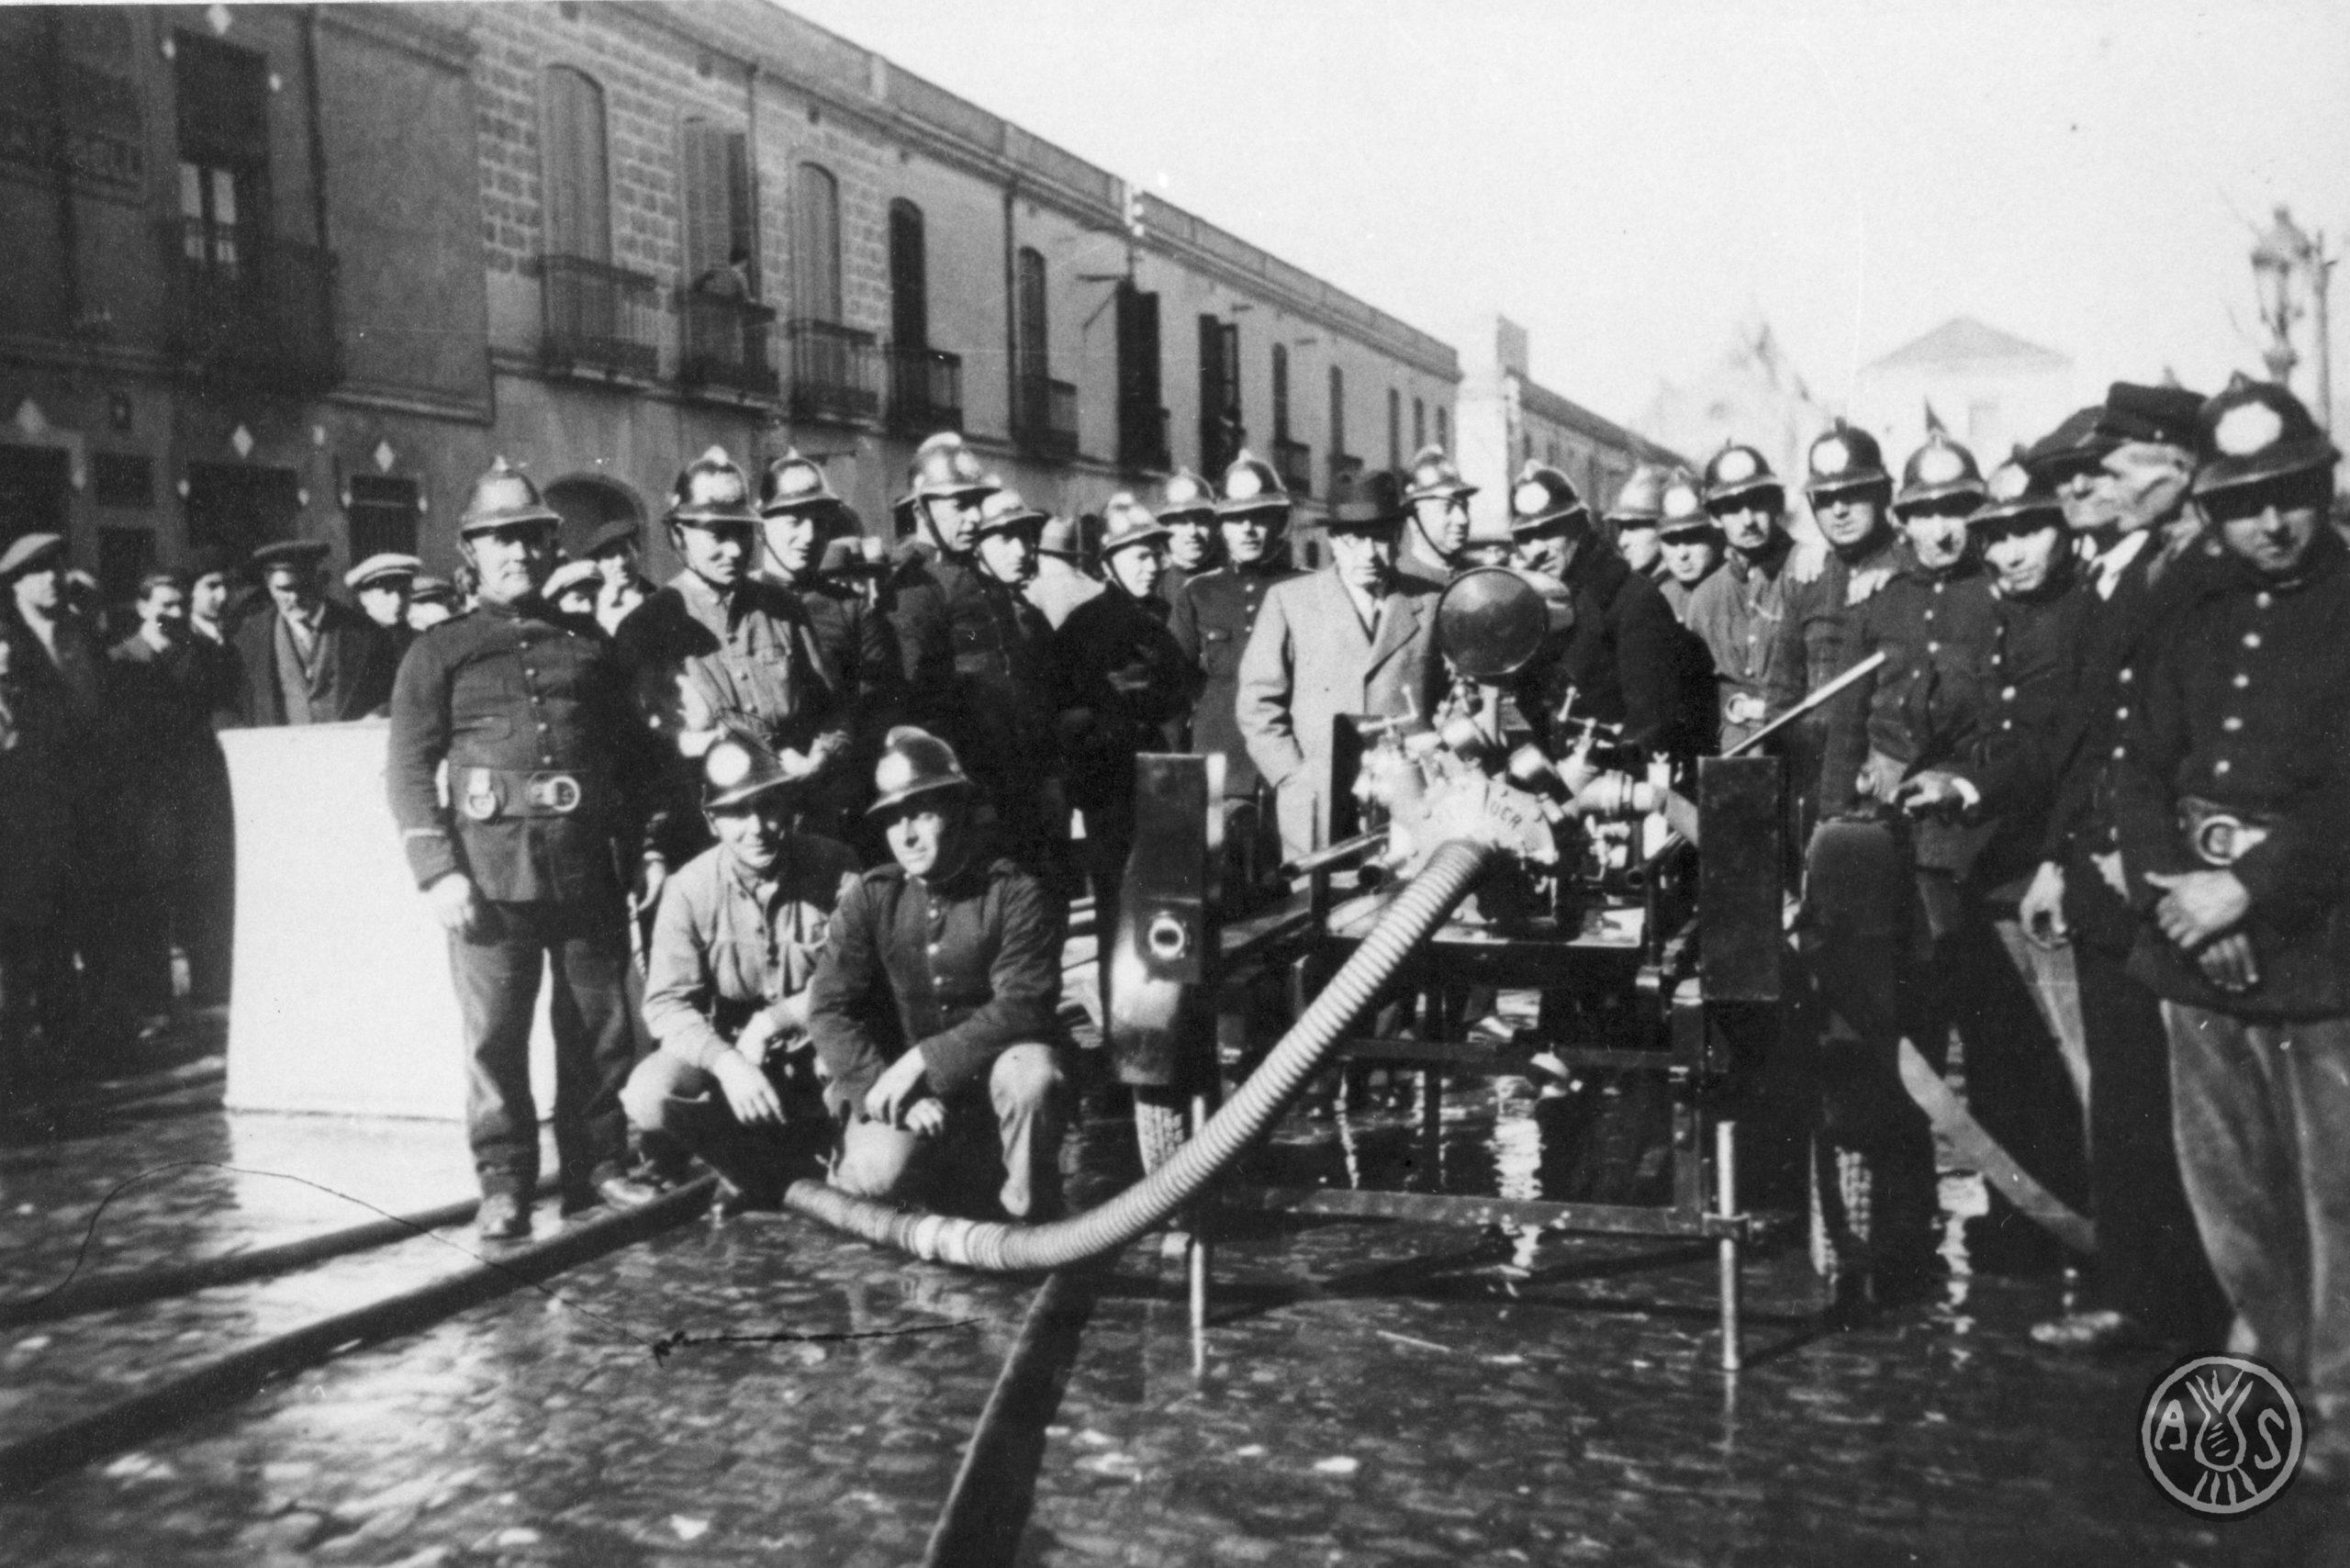 Bombers de Sabadell el 3 de febrer de 1936